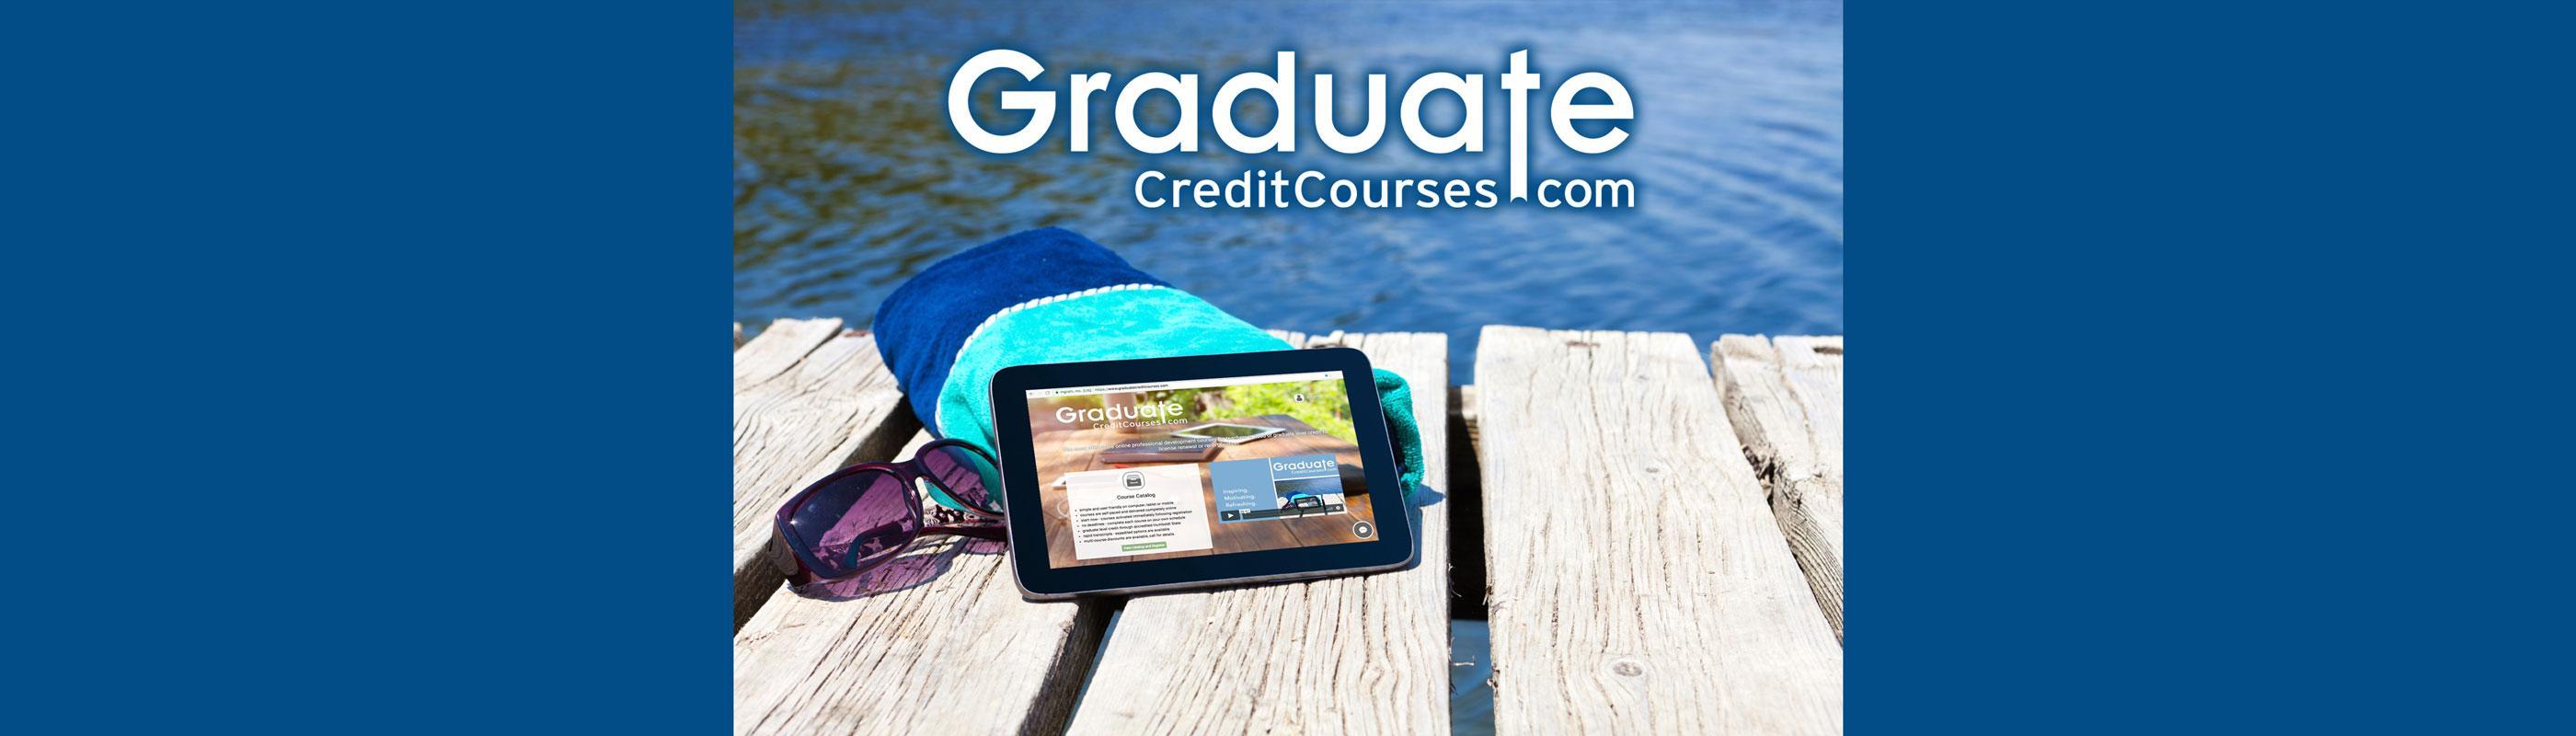 GraduateCreditCourses.com